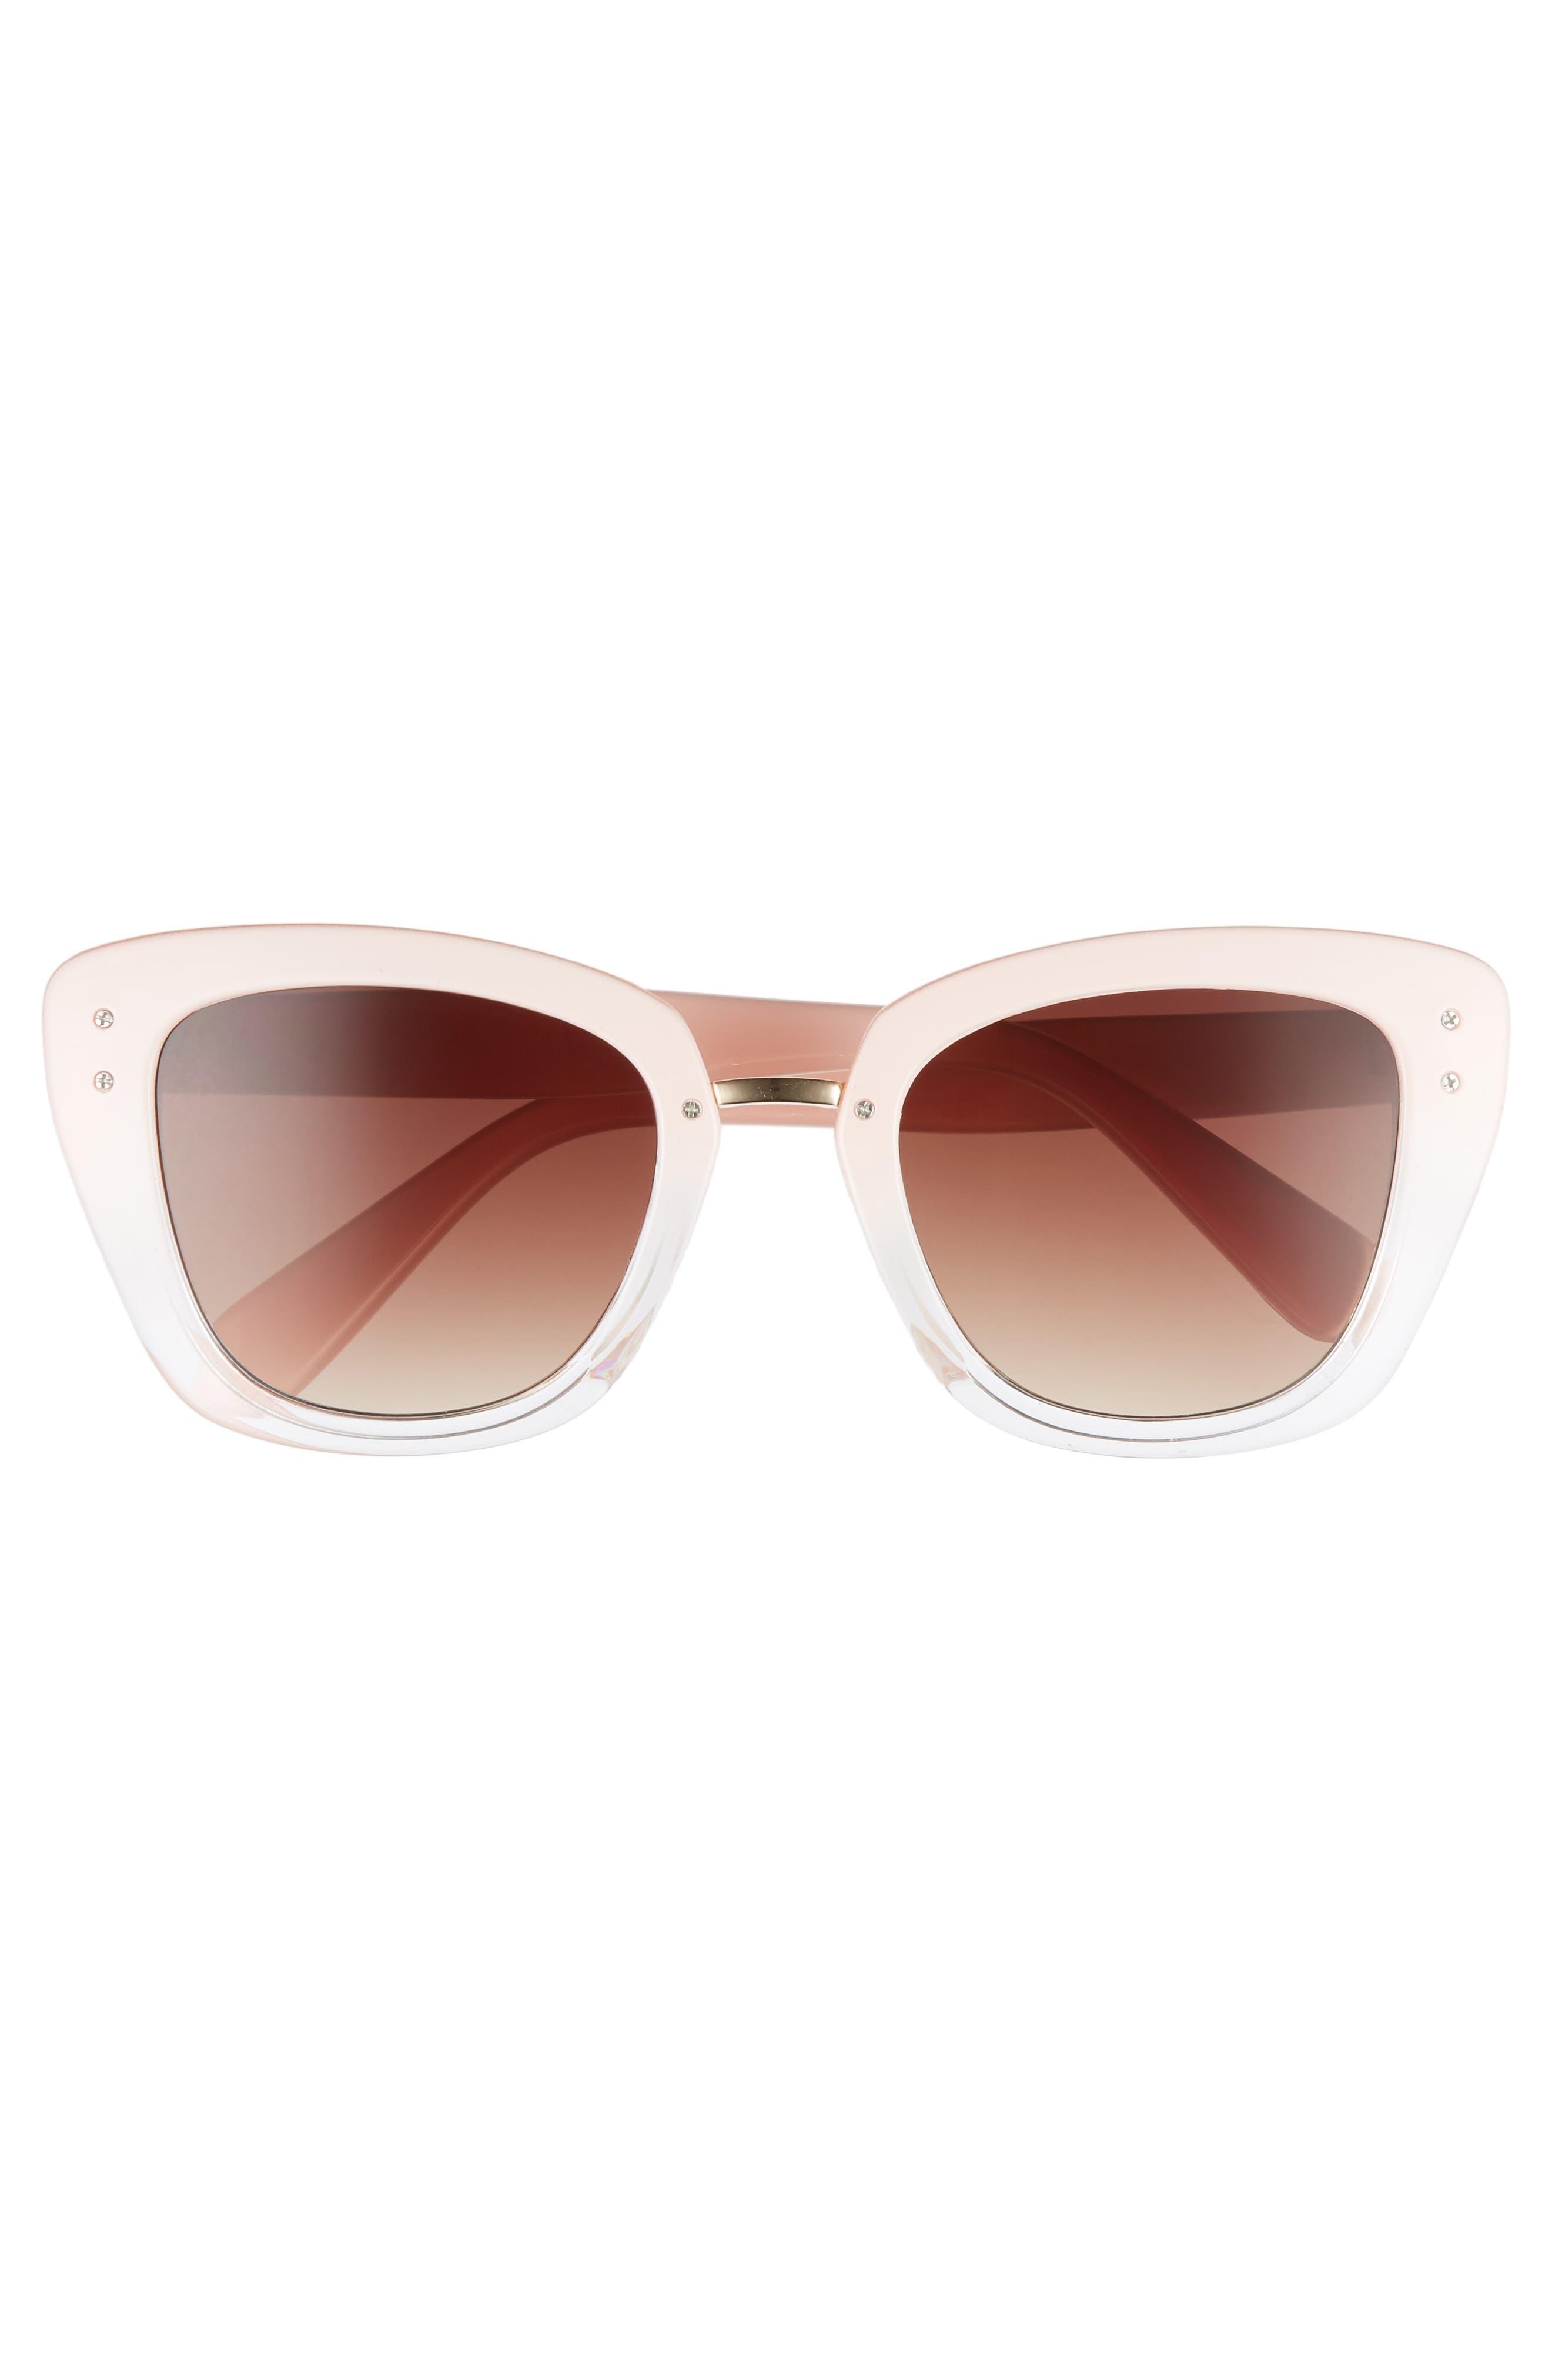 51mm Ombré Square Sunglasses,                             Alternate thumbnail 3, color,                             650